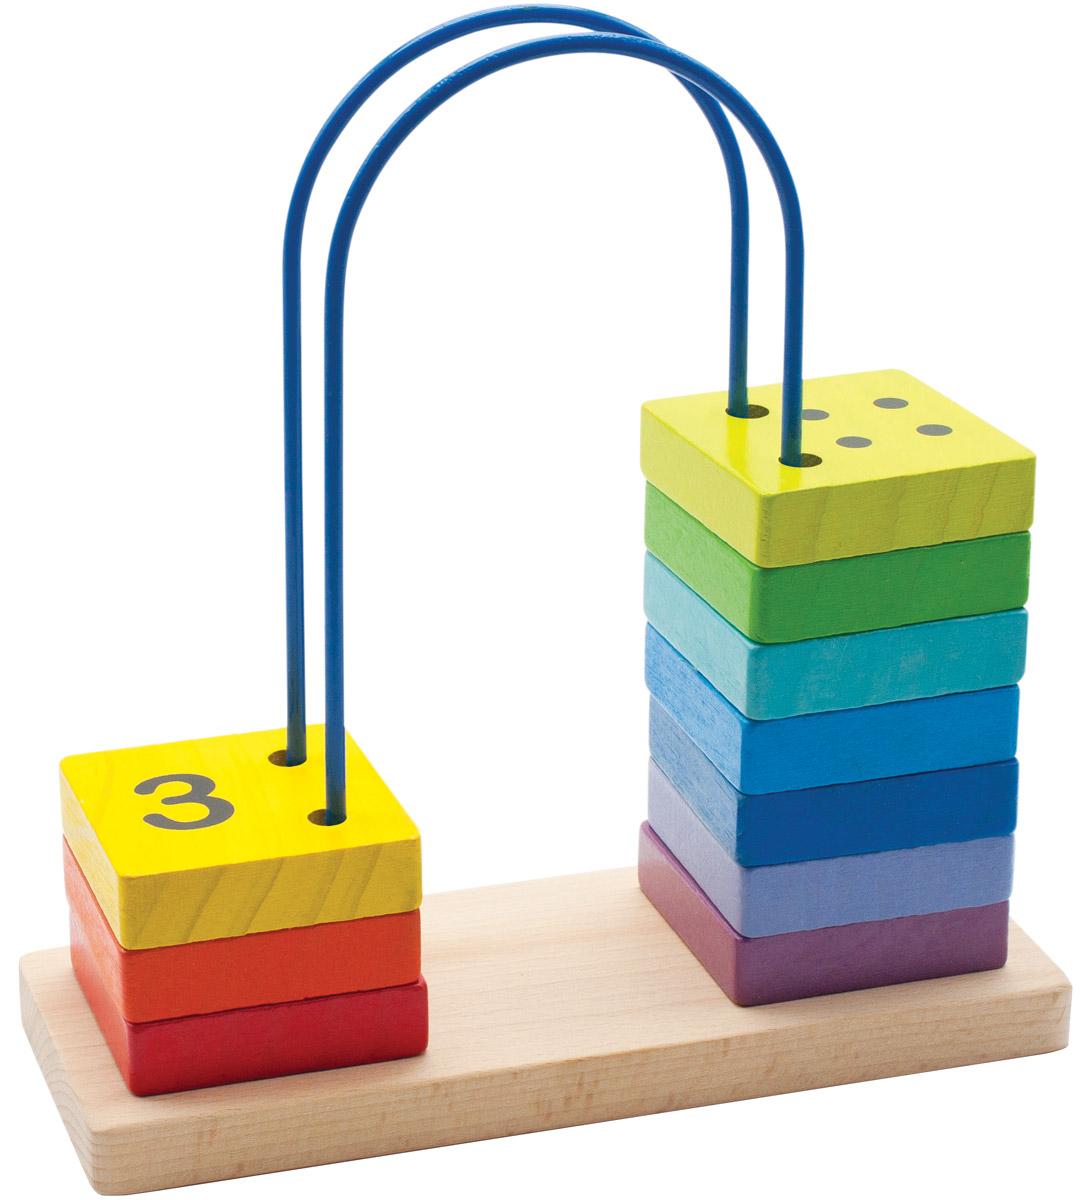 Мир деревянных игрушек Счеты перекидные большиеД371Перекидные счеты Мир деревянных игрушек помогут ребенку не только изучить цифры, а также выучить цвета. Пять ярких элементов, нанизанных на проволоку, окрашены нетоксичной краской и не представляют опасности для ребенка. Краска устойчива к воздействию влаги, рисунок на изделии долгое время будет сохранять яркость. Увлекательная развивающая игрушка поможет малышу весело и с пользой провести время. Игрушка способствует развитию моторики, тренирует мышцы кисти, отрабатывает круговые движения, стимулирует визуальное восприятие, цветовосприятие, когнитивное мышление, помогает изучить цифры и счет, развивает интеллектуальные способности и воображение. С такой игрушкой учебный процесс будет интересным и увлекательным для вашего ребенка.